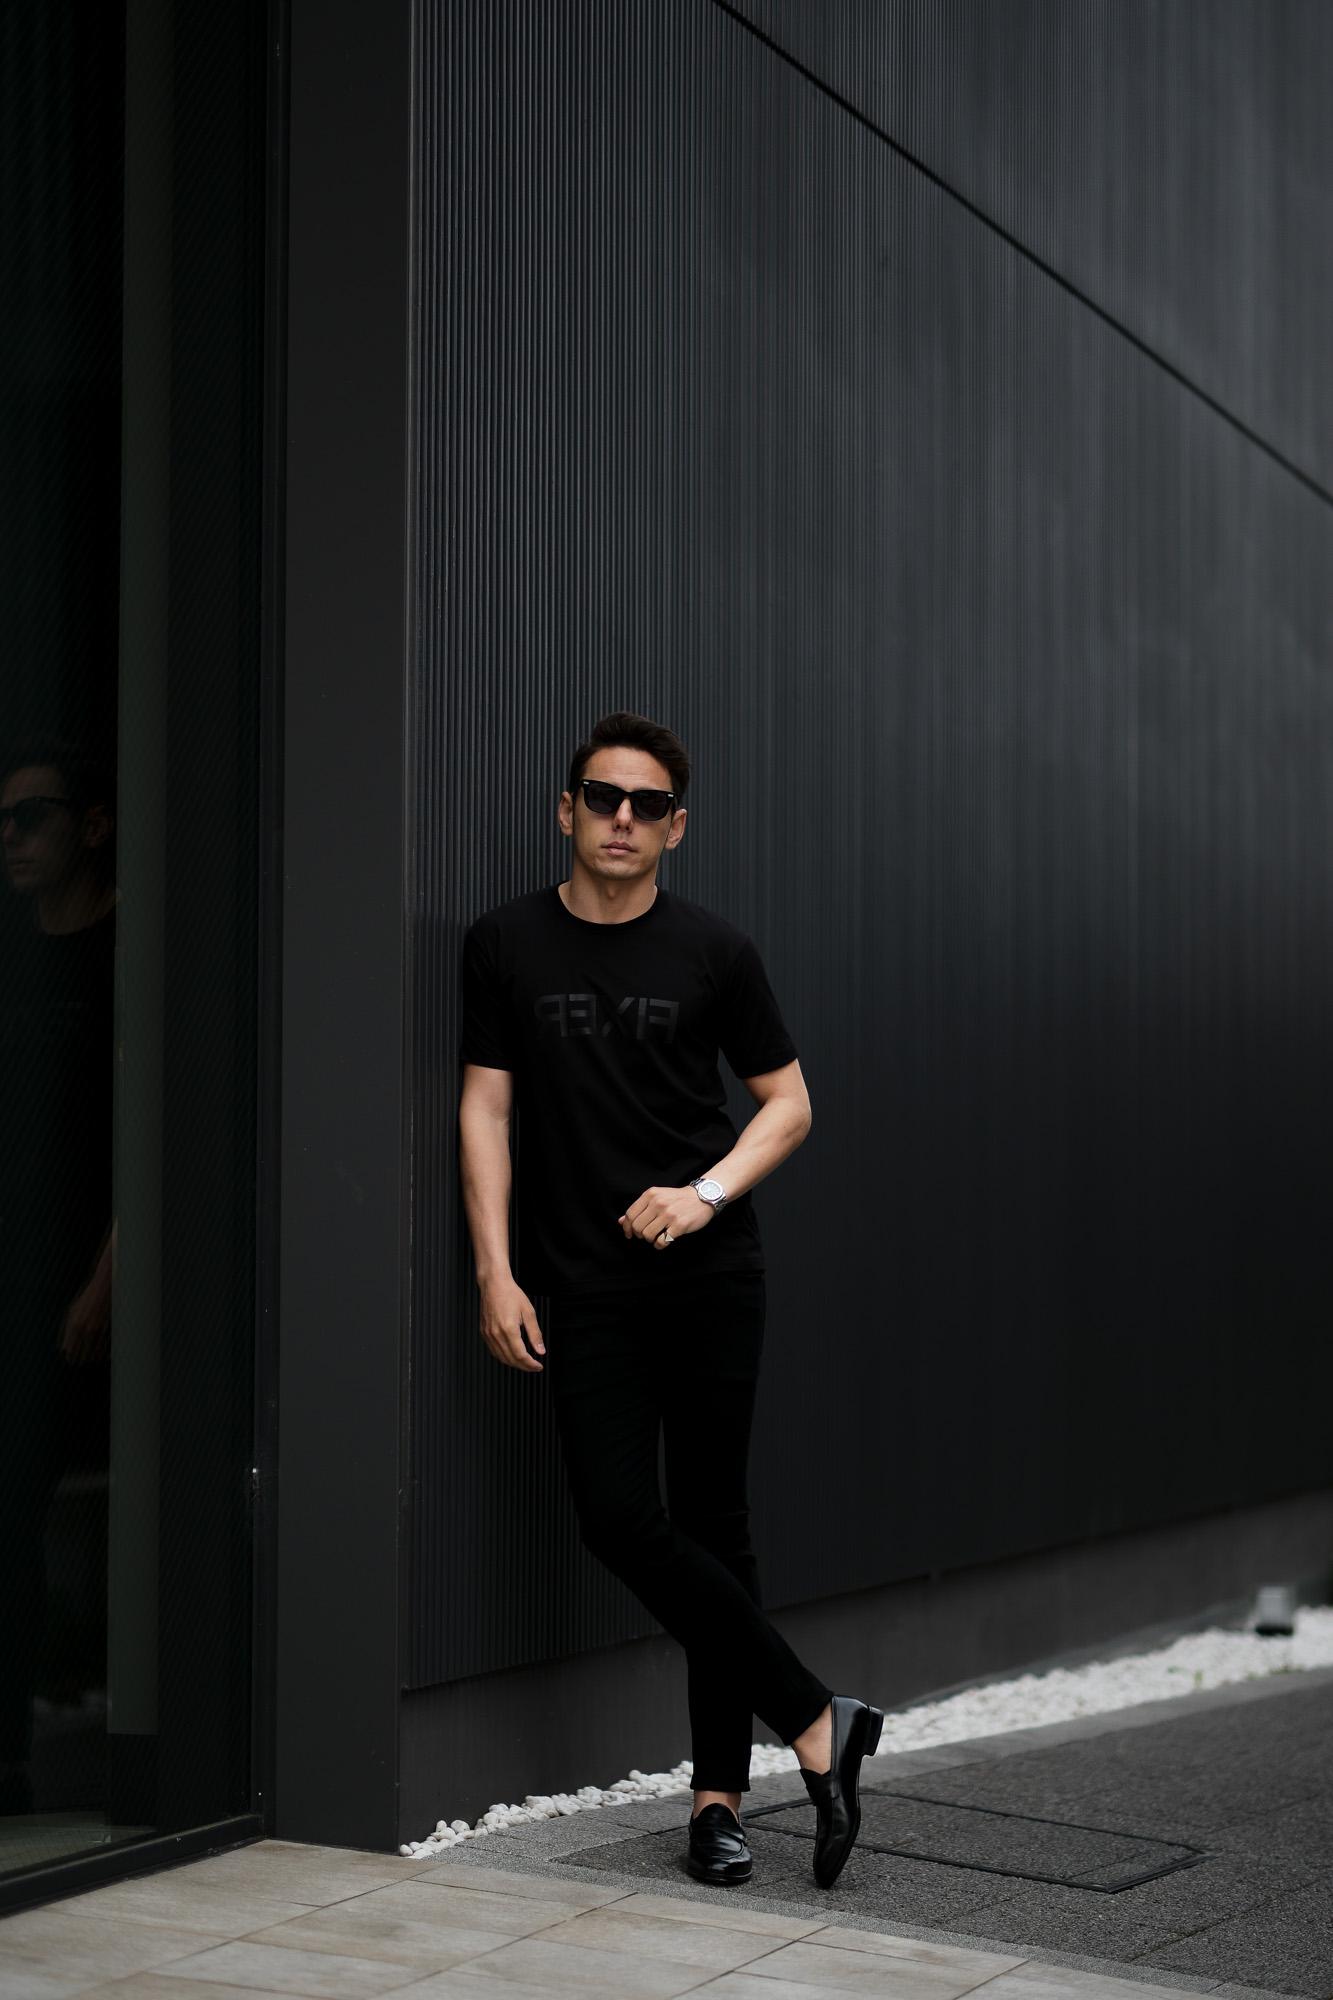 FIXER (フィクサー) FTS-03 Reverse Print Crew Neck T-shirt リバースプリント Tシャツ ALL BLACK (オールブラック) 【ご予約開始】【2021.4.17(Sat)~2021.5.03(Mon)】 愛知 名古屋 Alto e Diritto altoediritto アルトエデリット